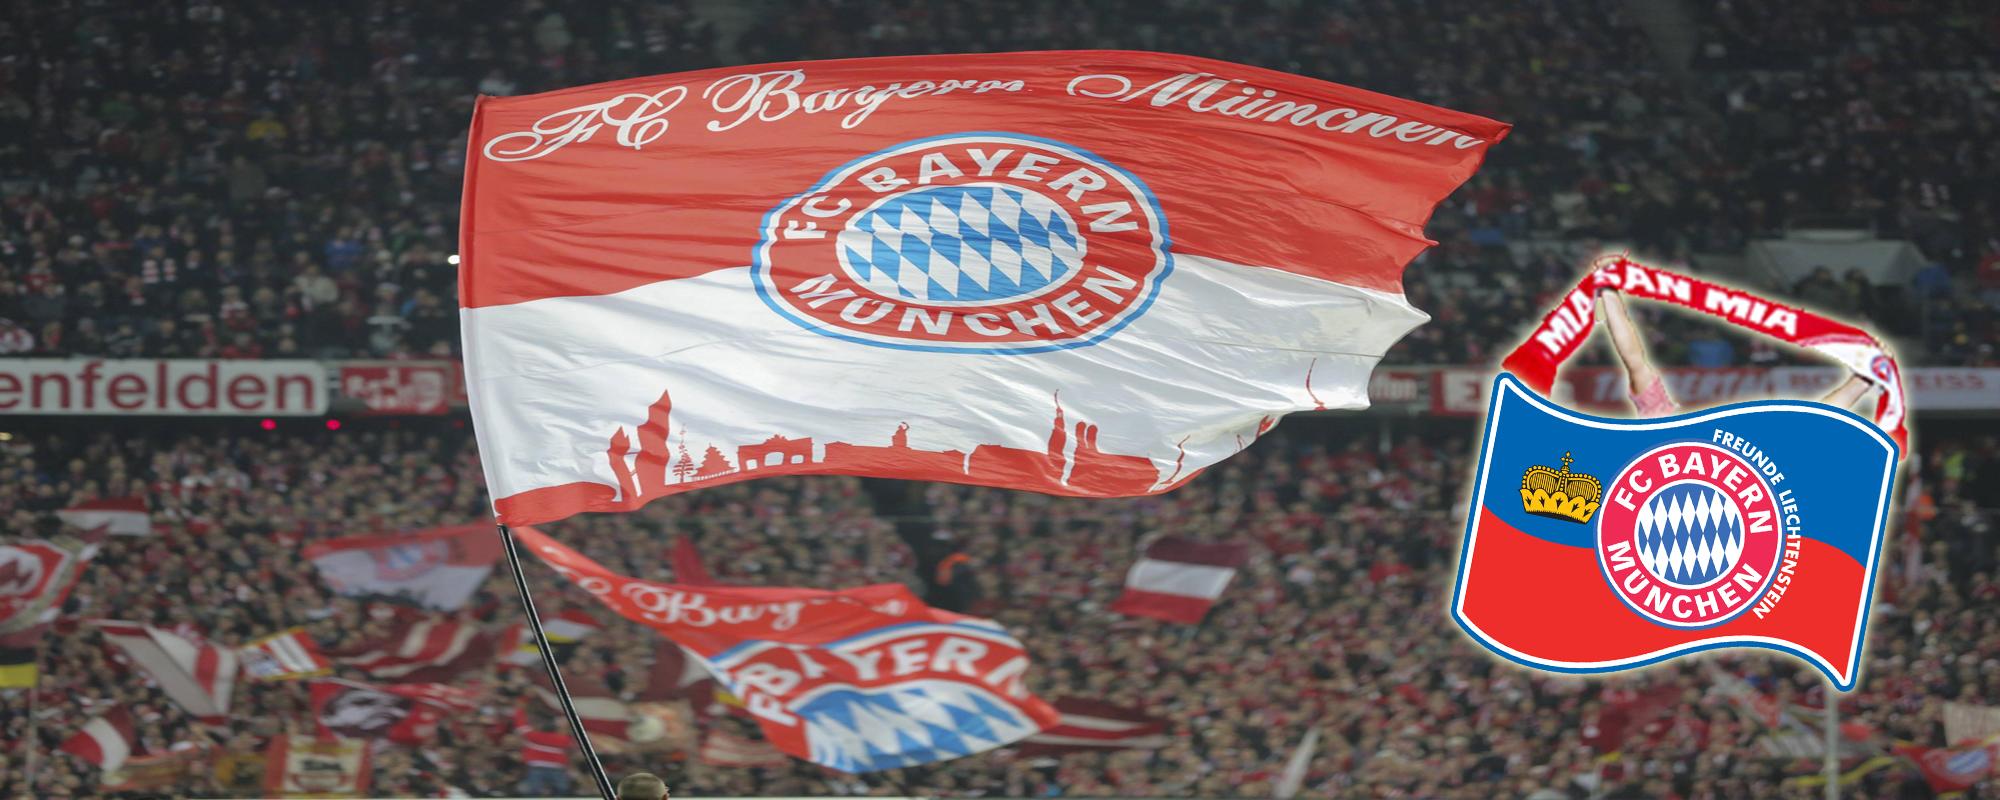 champions-league-fc-bayern-juventus-Kopie